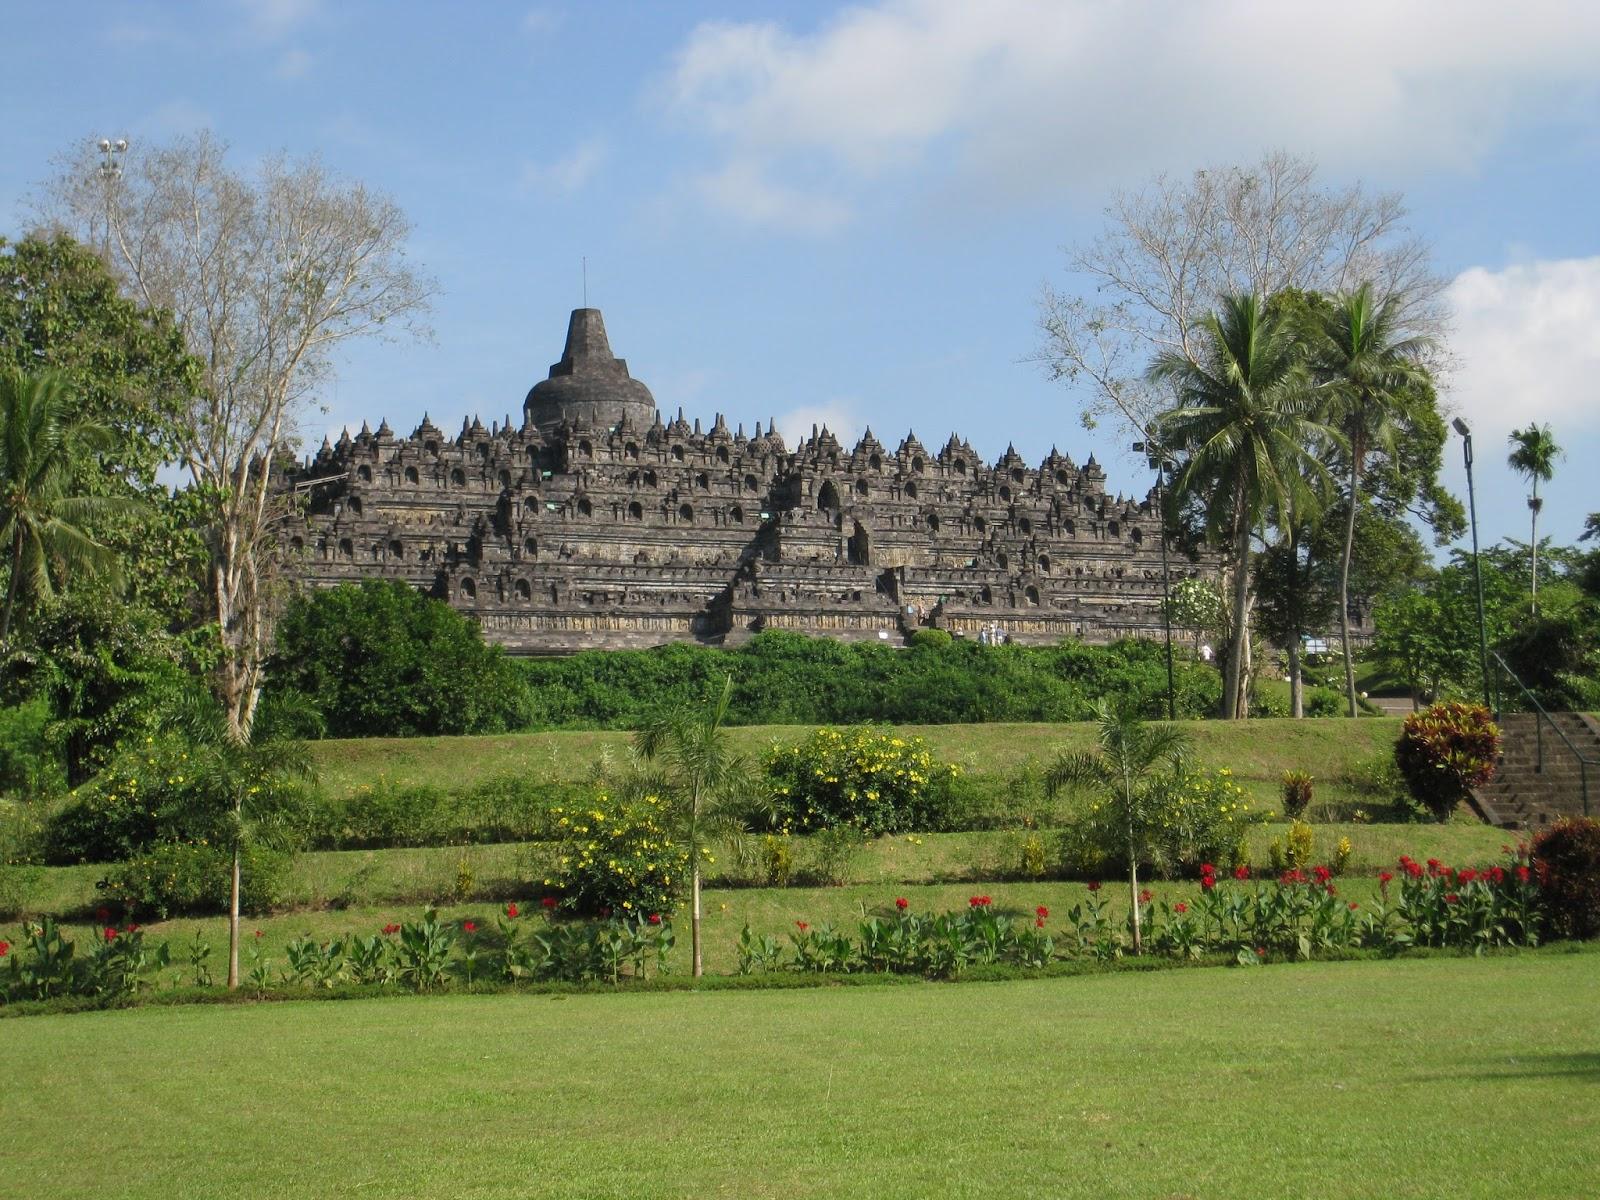 Laporan Perjalanan Study Tour Yogyakarta Design Heky1d